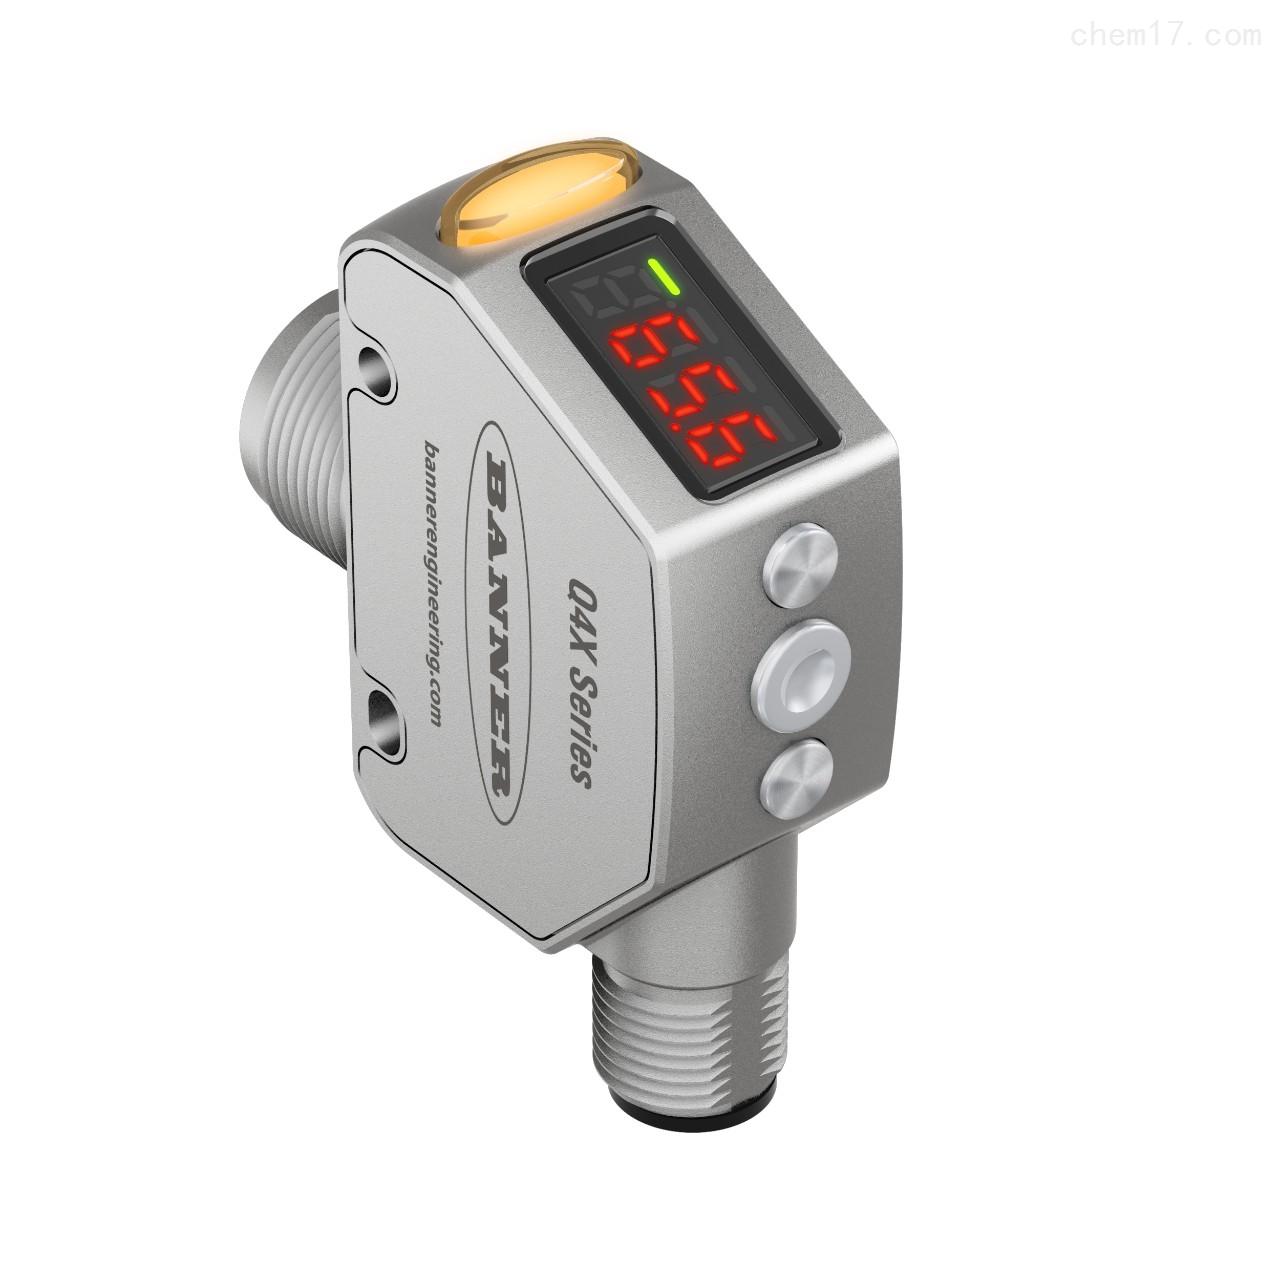 坚固耐用的全能型美国邦纳BANNER光电传感器